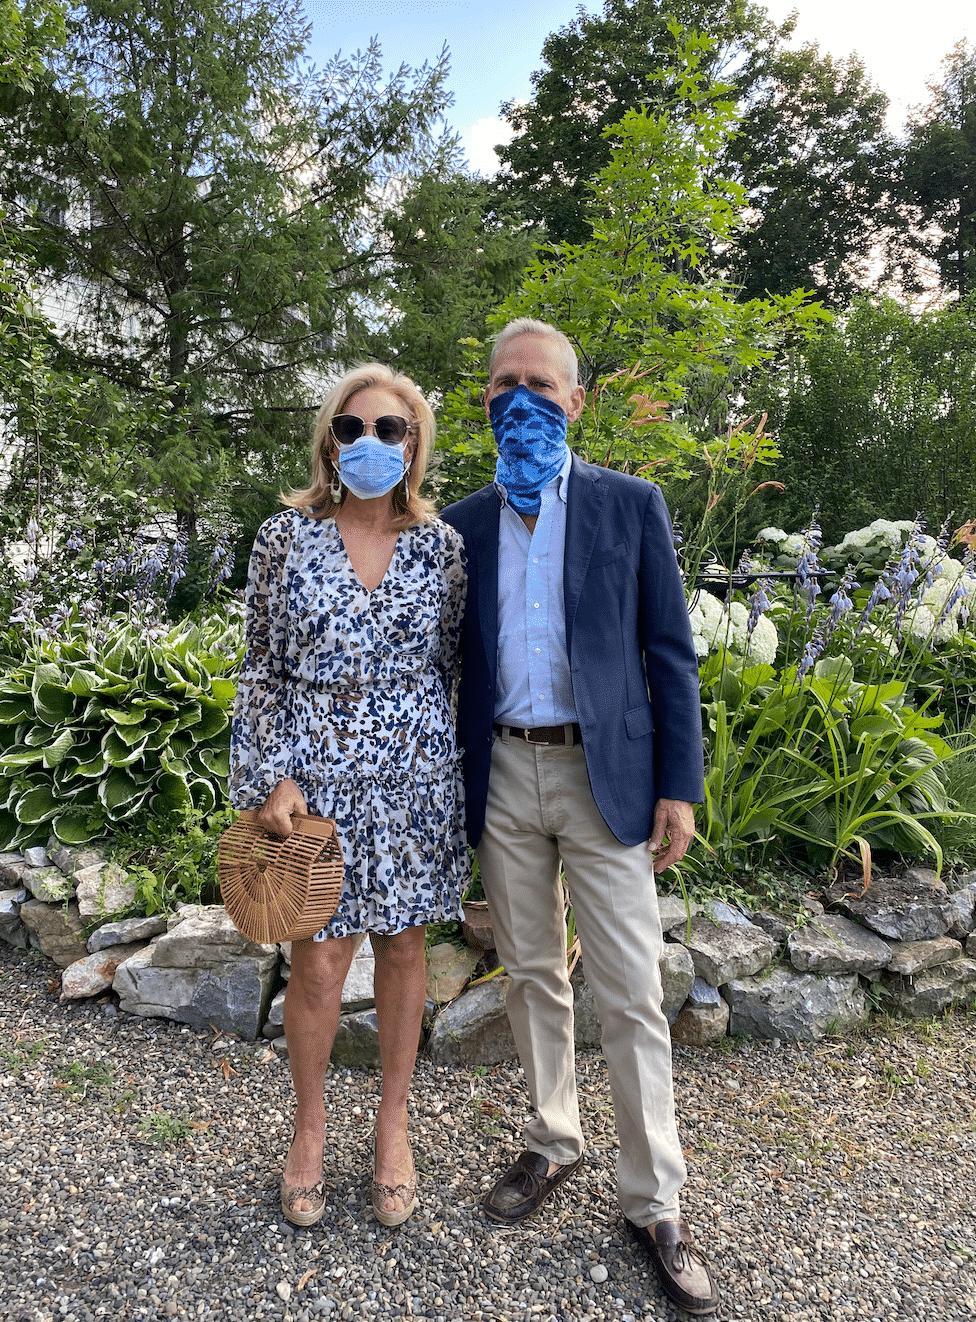 John and Karen Klopp wearing masks